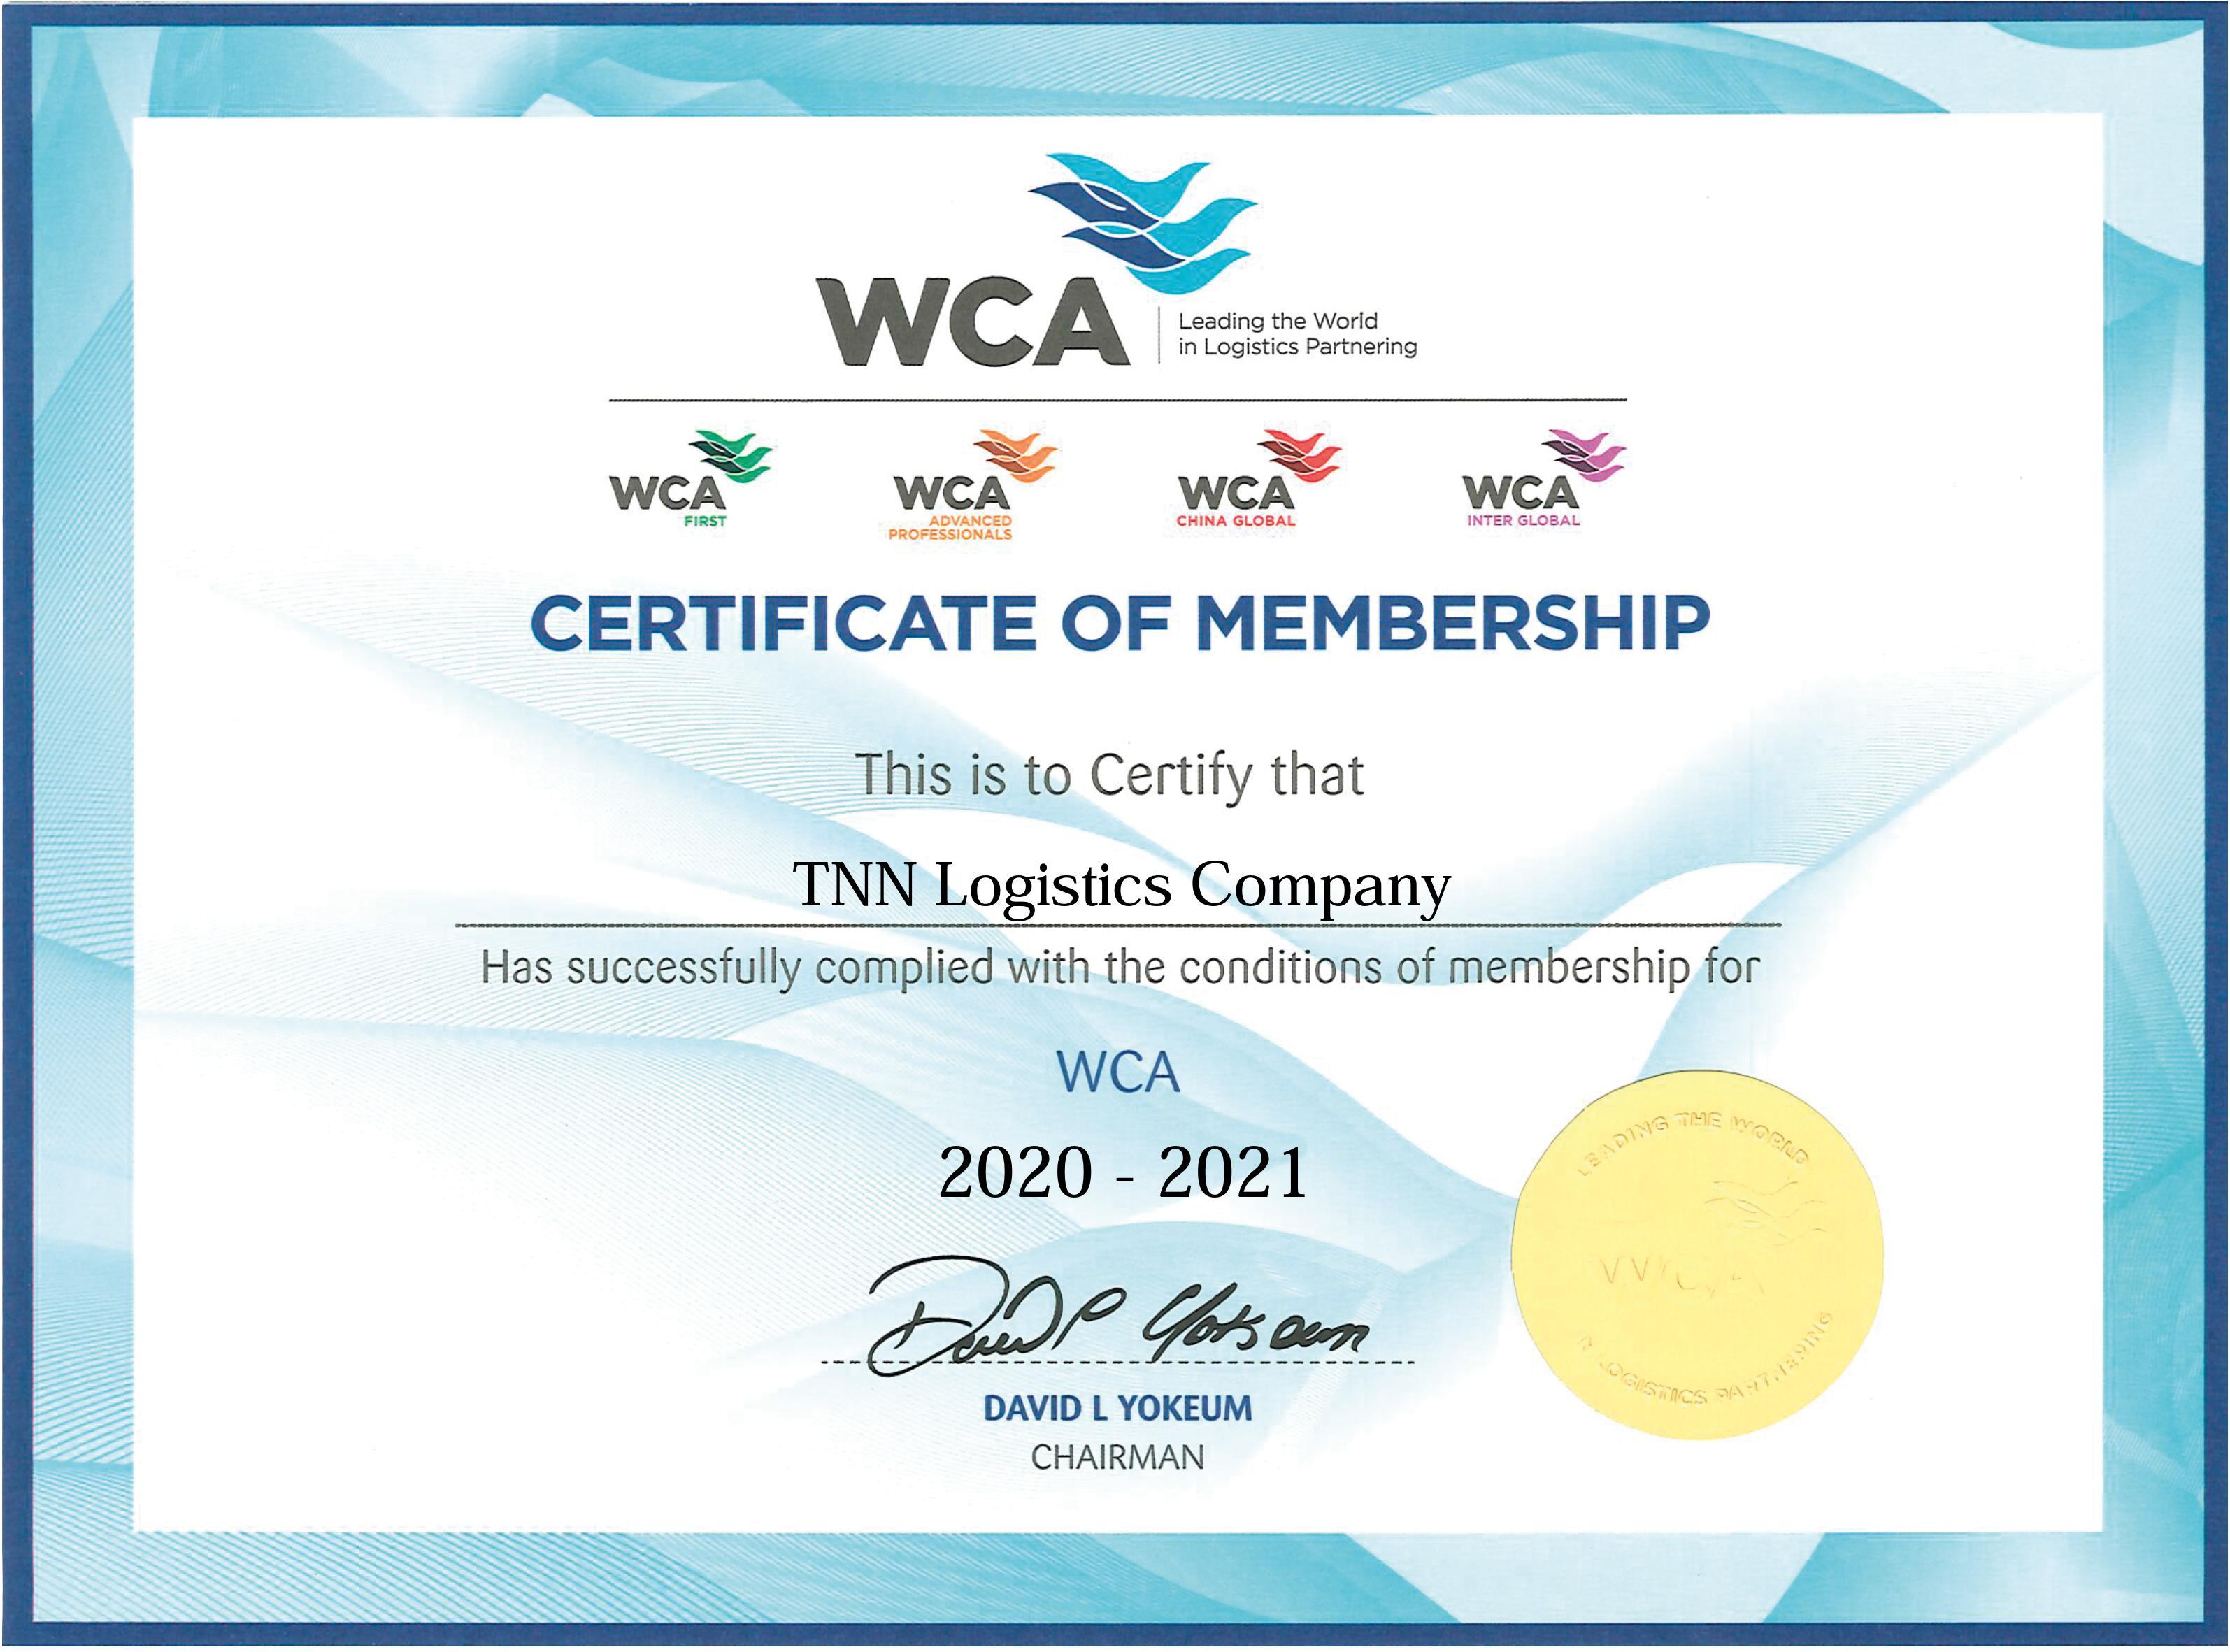 02/10/2020 – TNN Logistics trở thành thành viên chính thức của WCA